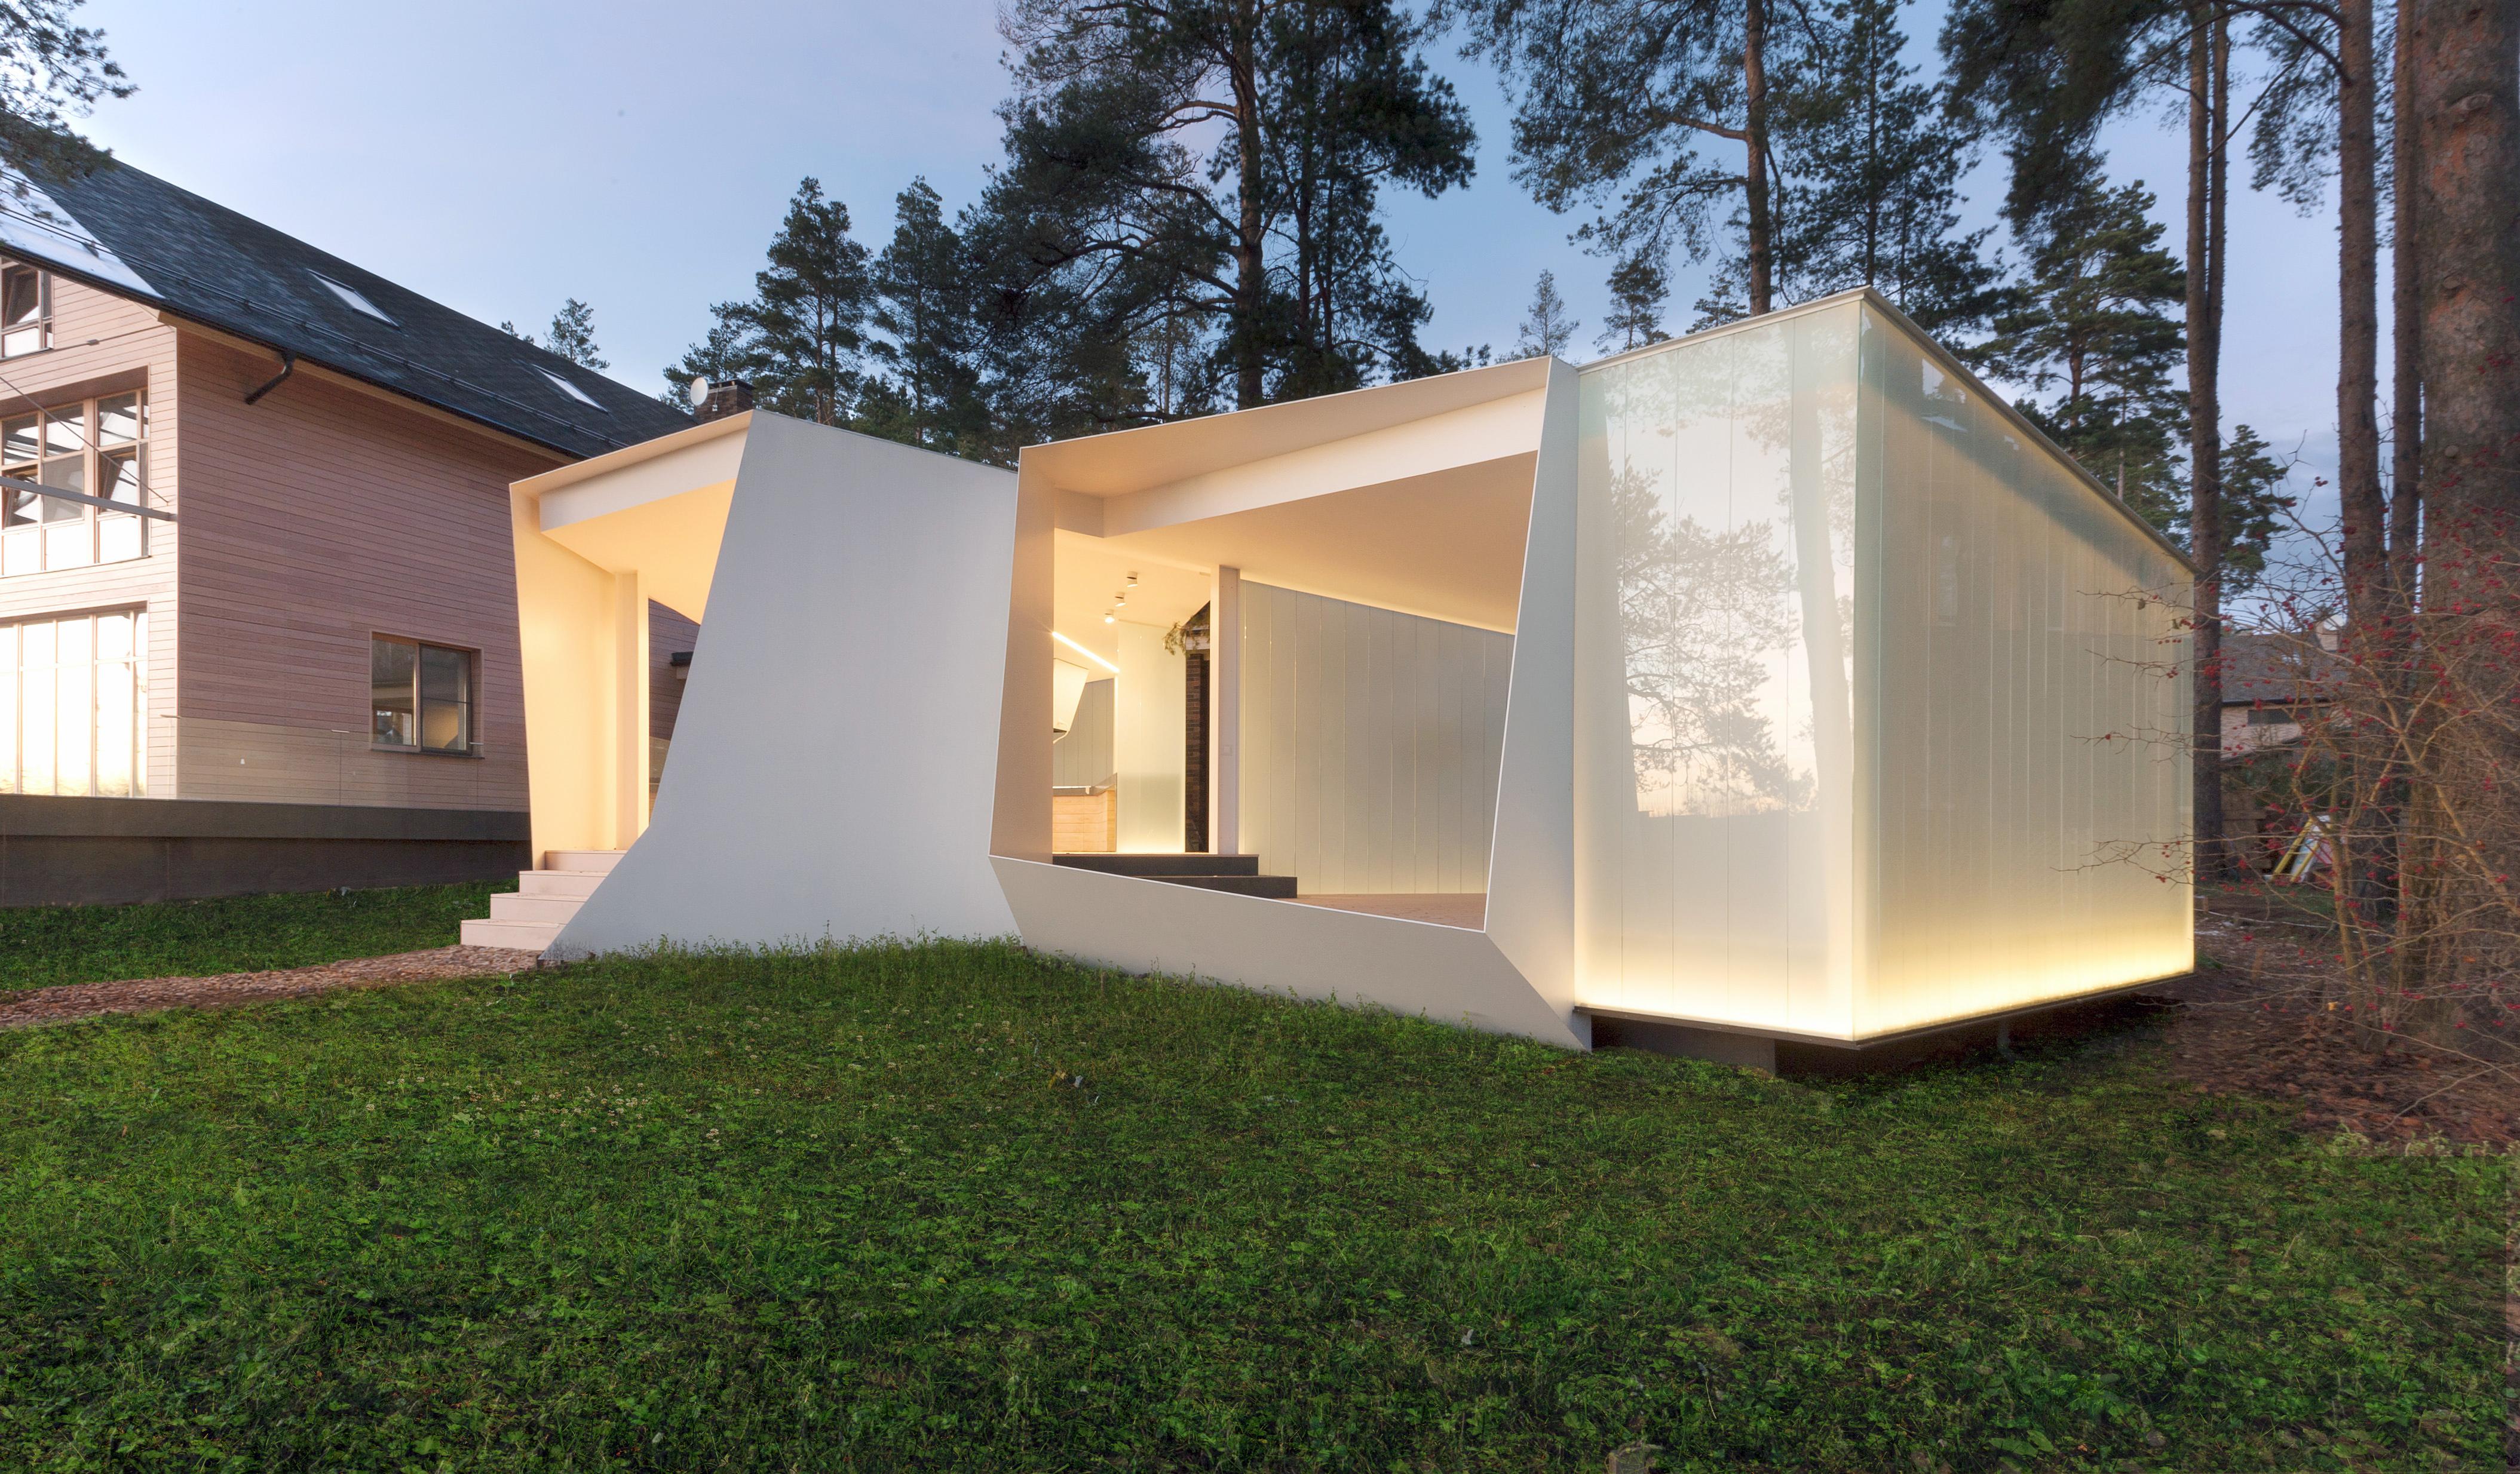 〔안정원의 건축 칼럼〕 숲을 보호하는 기하학적인 배치와 다이내믹한 파빌리온 공간 1